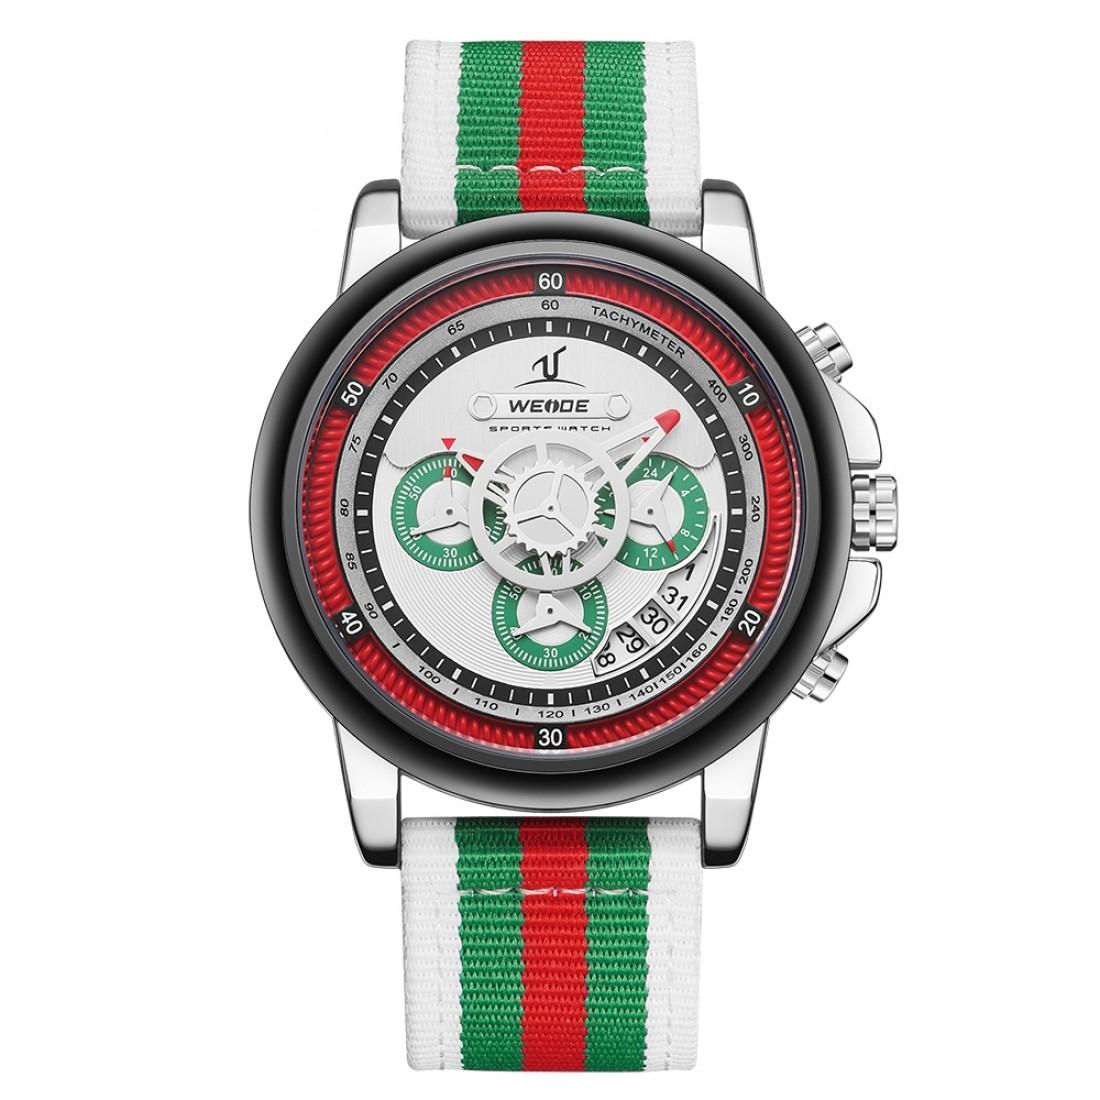 Europa Chronograph Nylon Green/White/Red